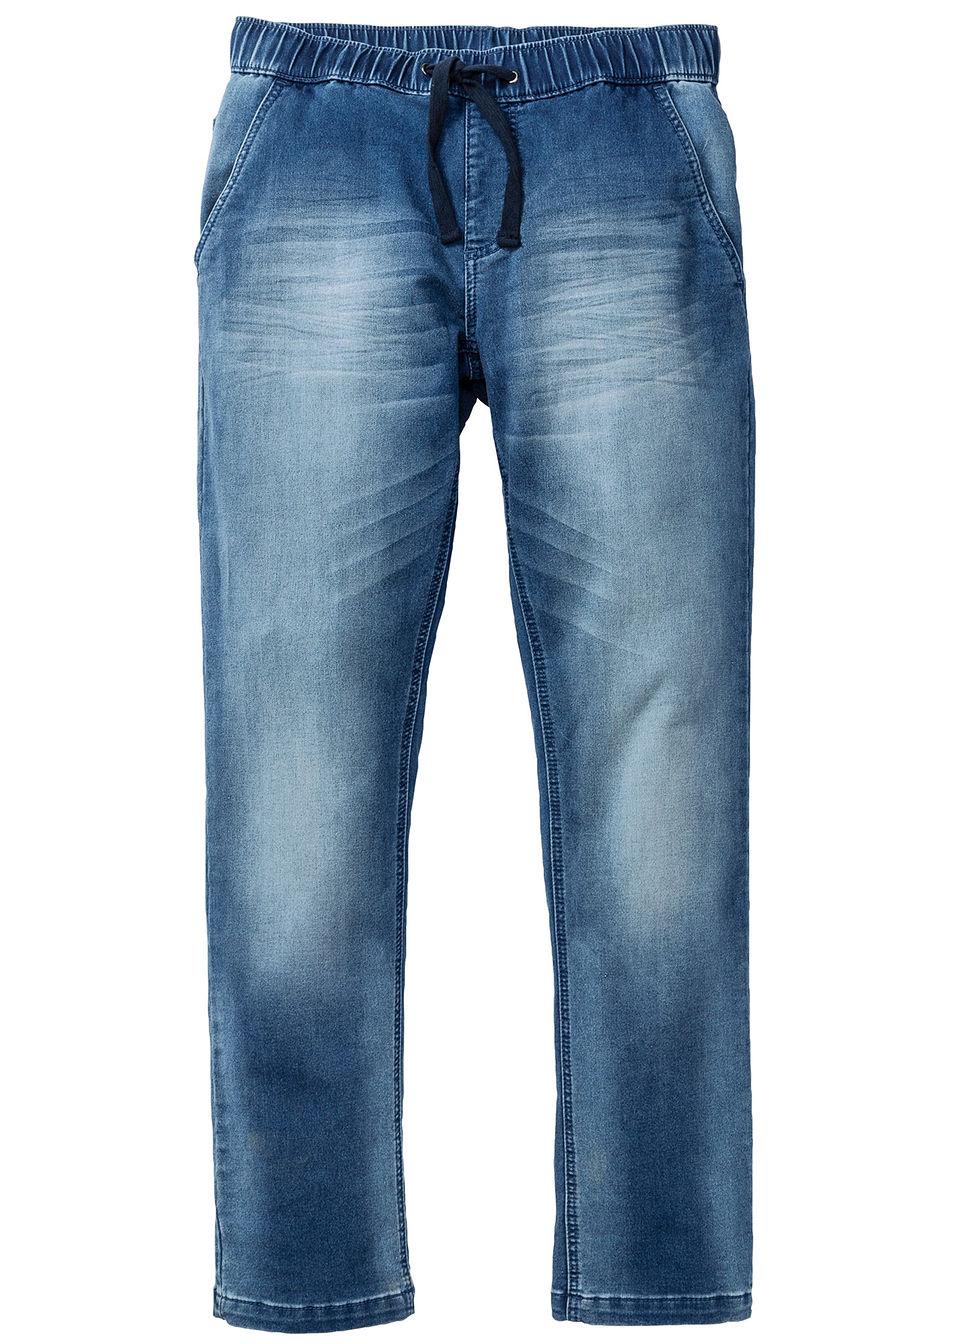 Трикотажные джинсы Regular Fit Straight